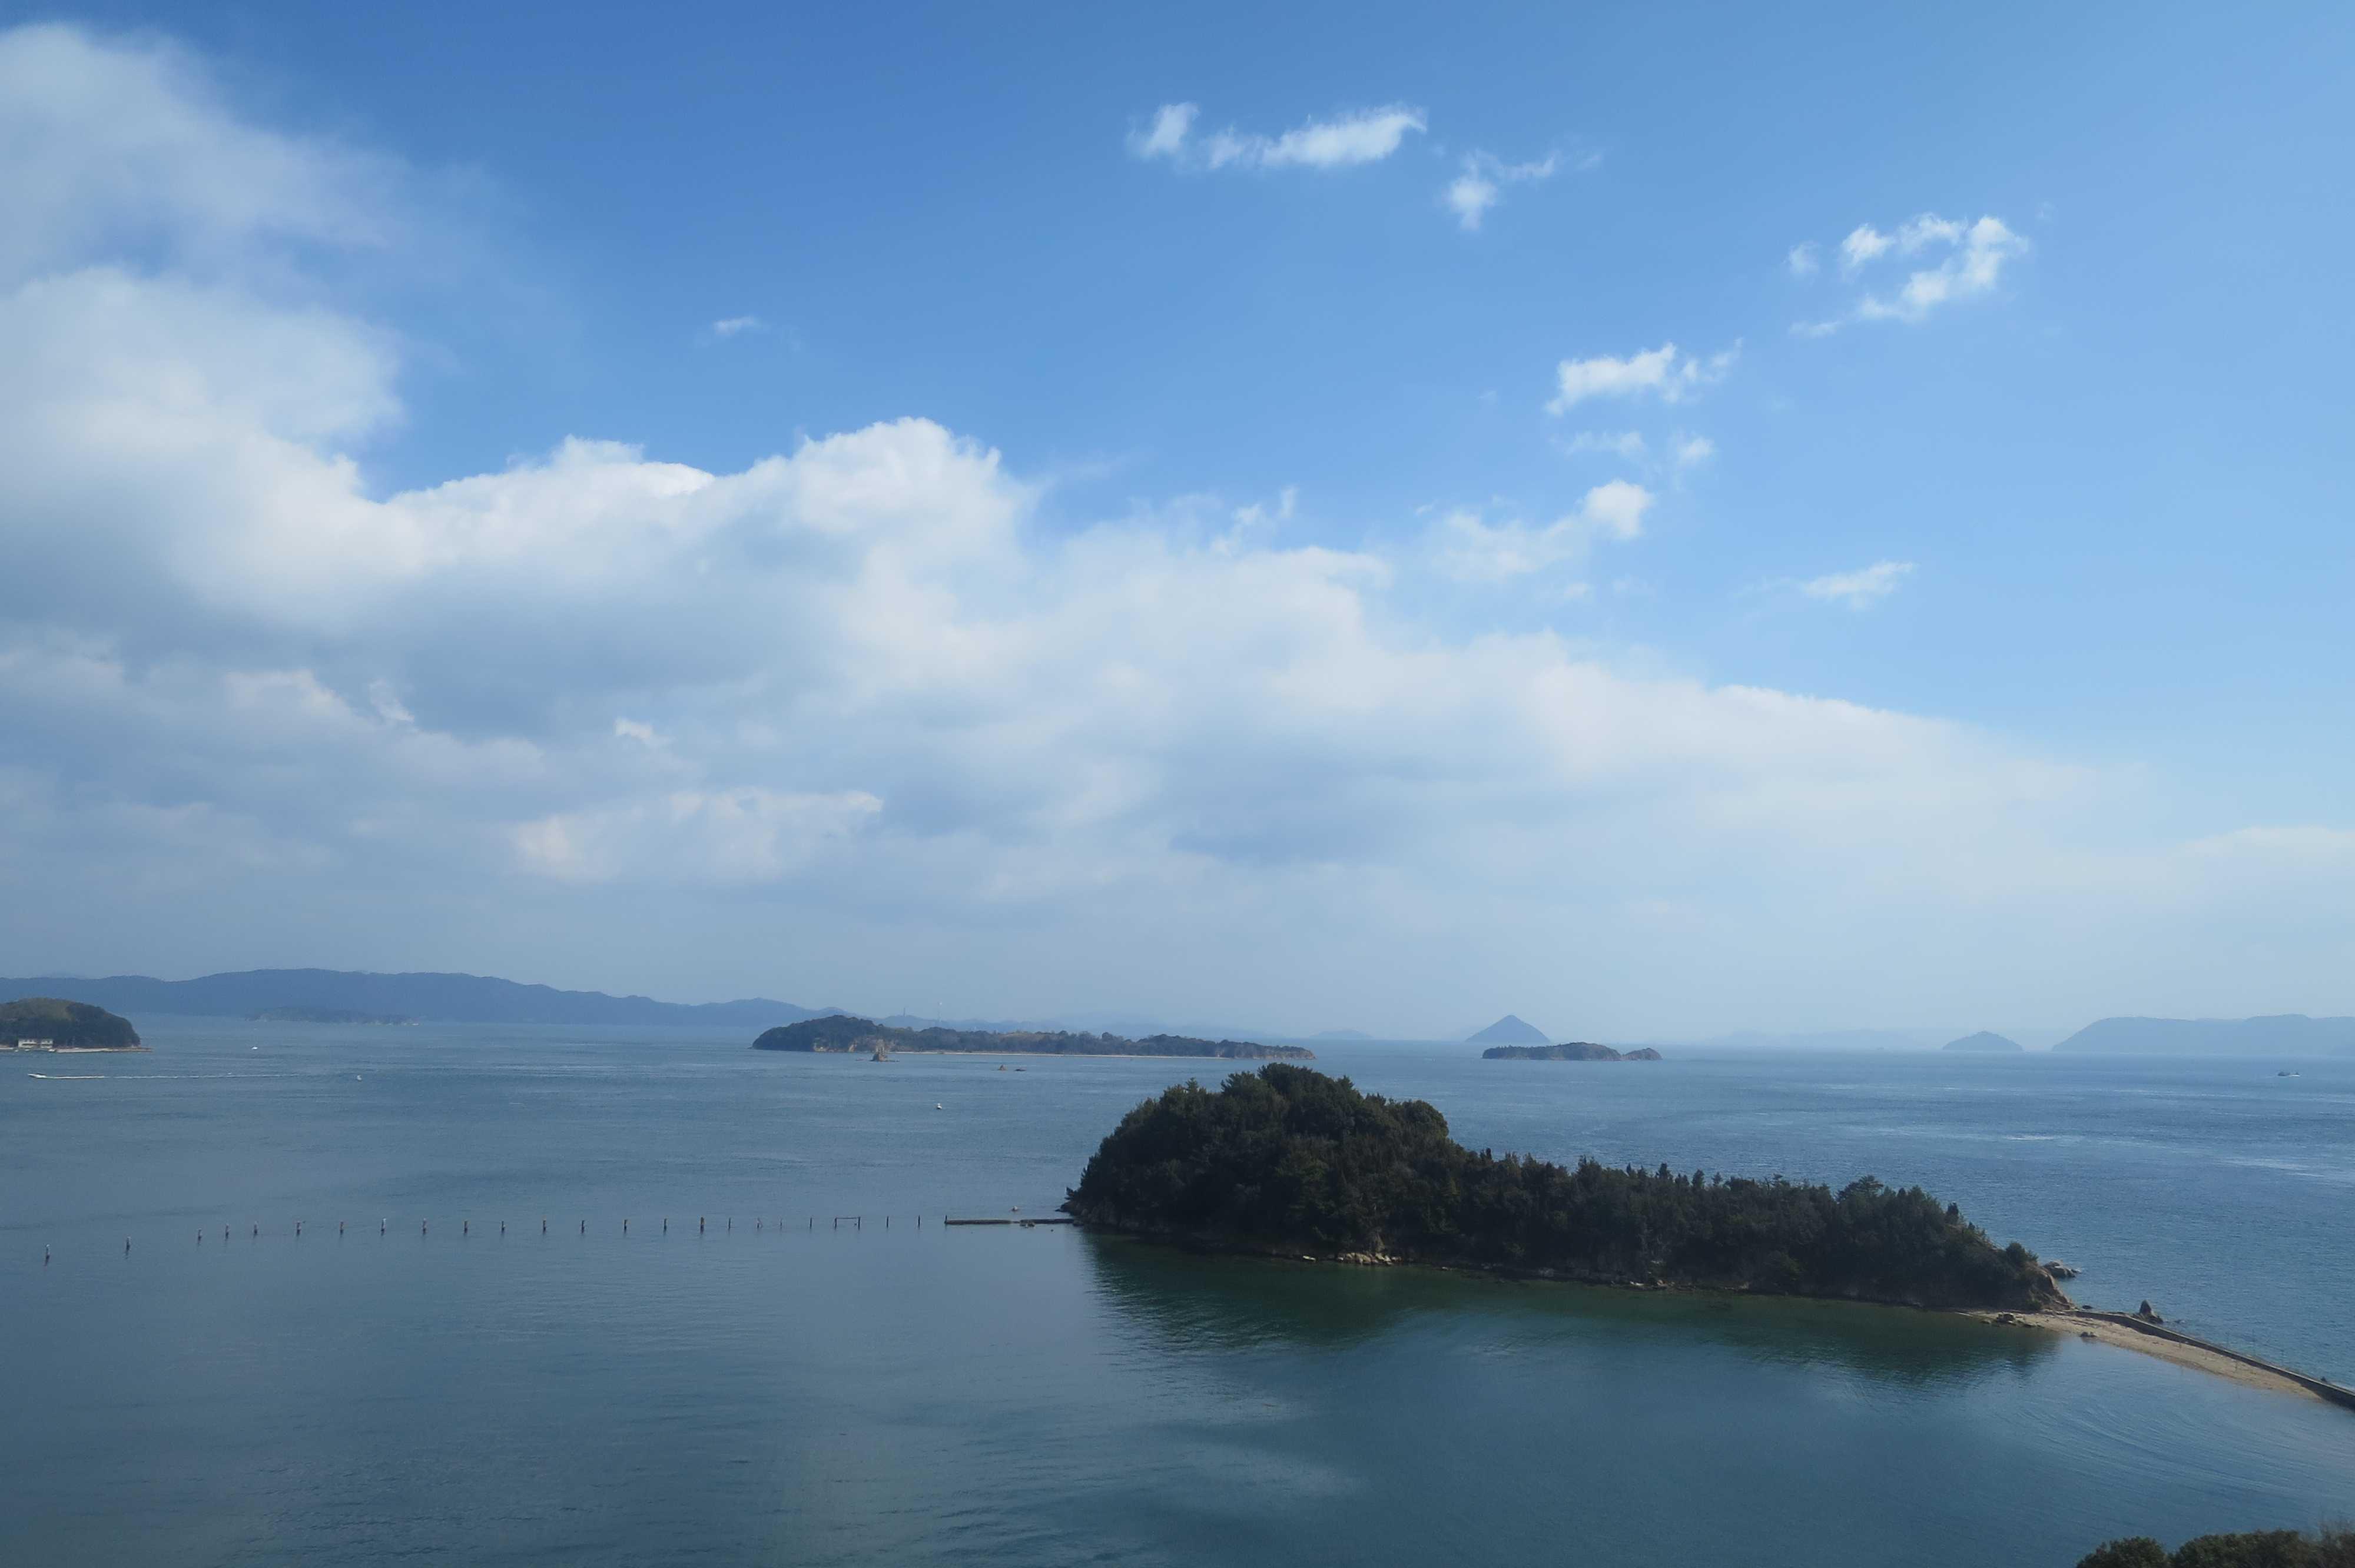 空は青く、雲は白く、瀬戸内海は穏やかです。